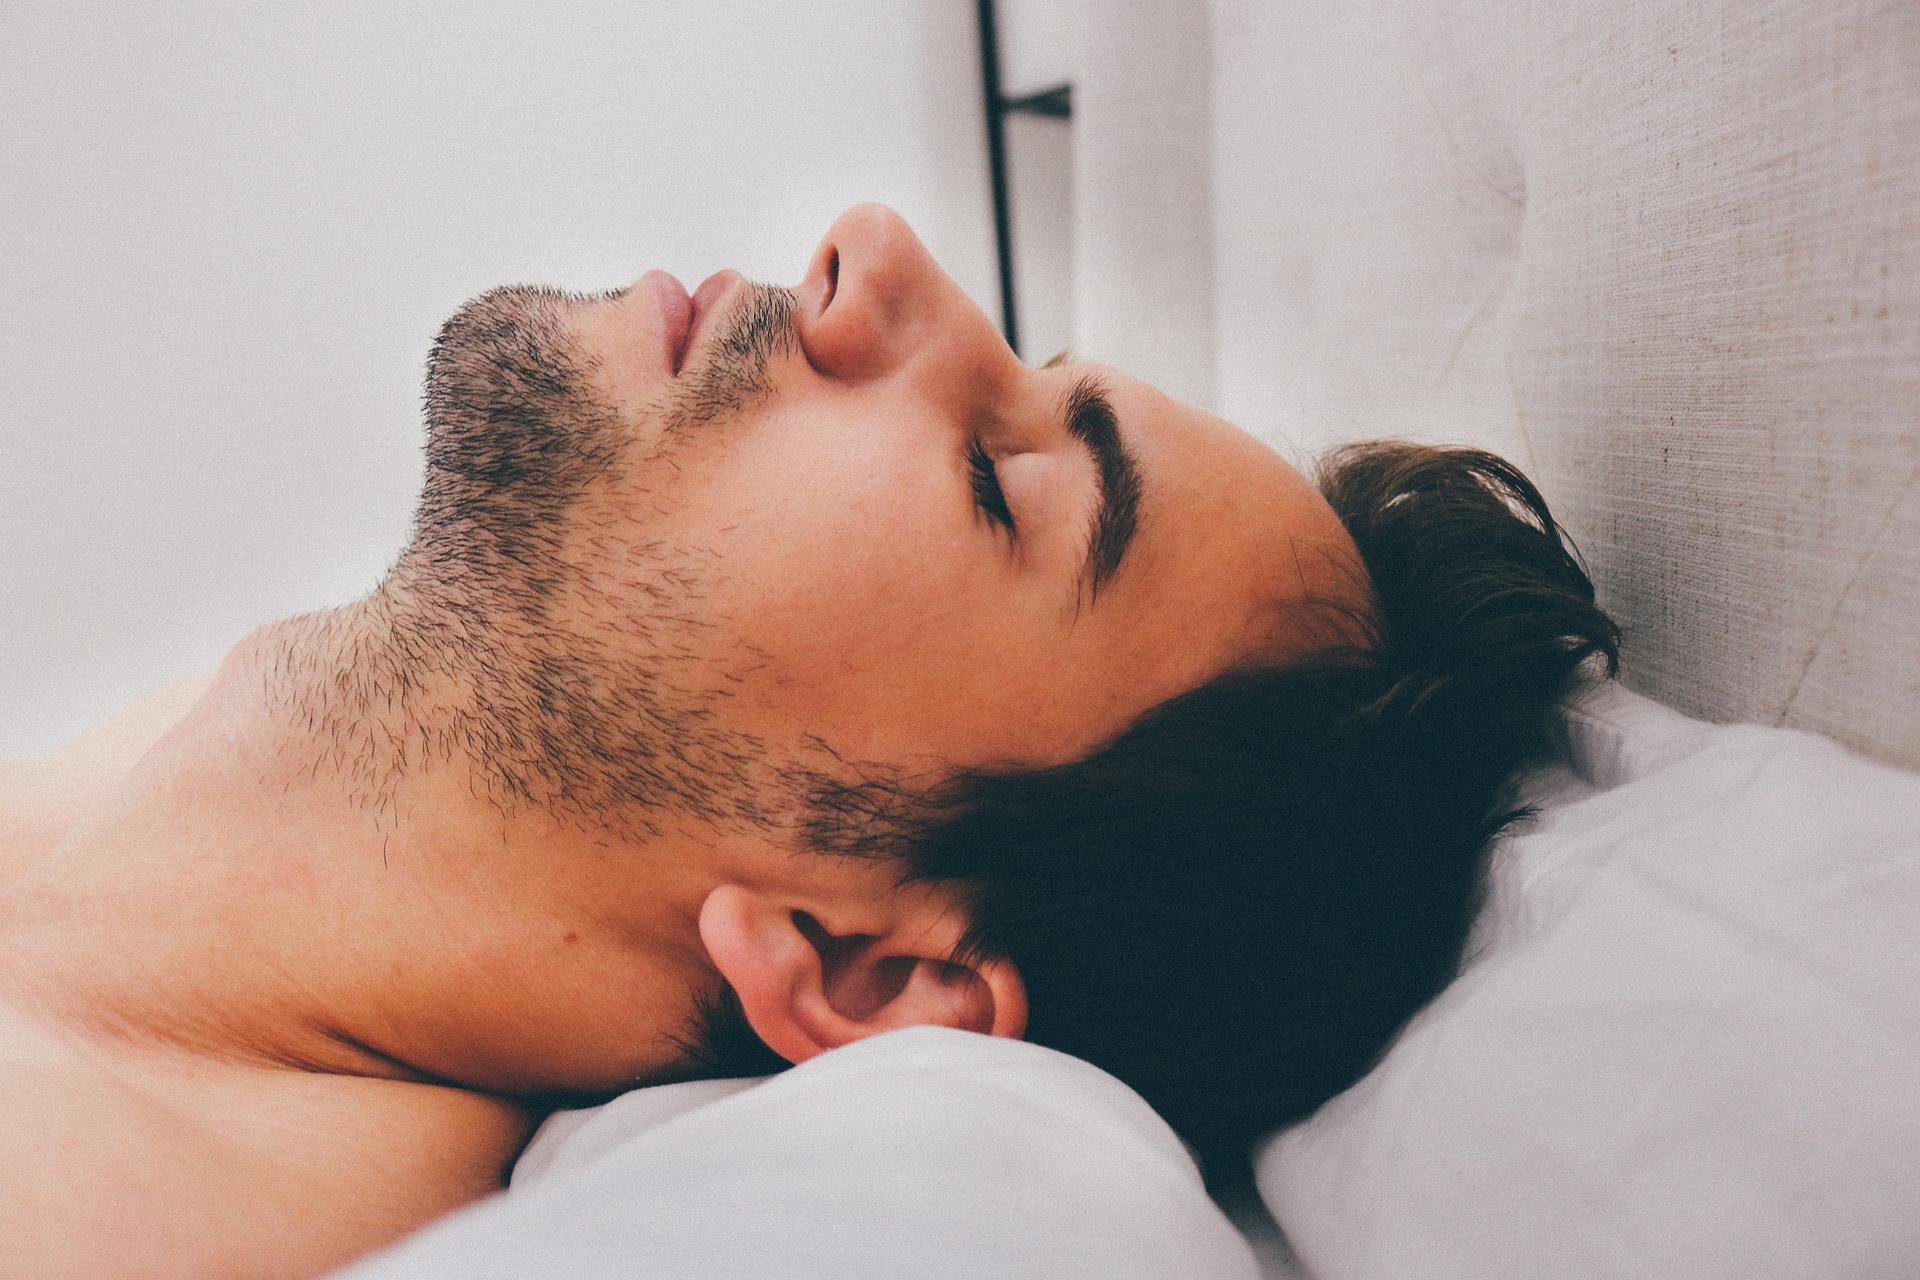 cirugia plastica y estética en hombres